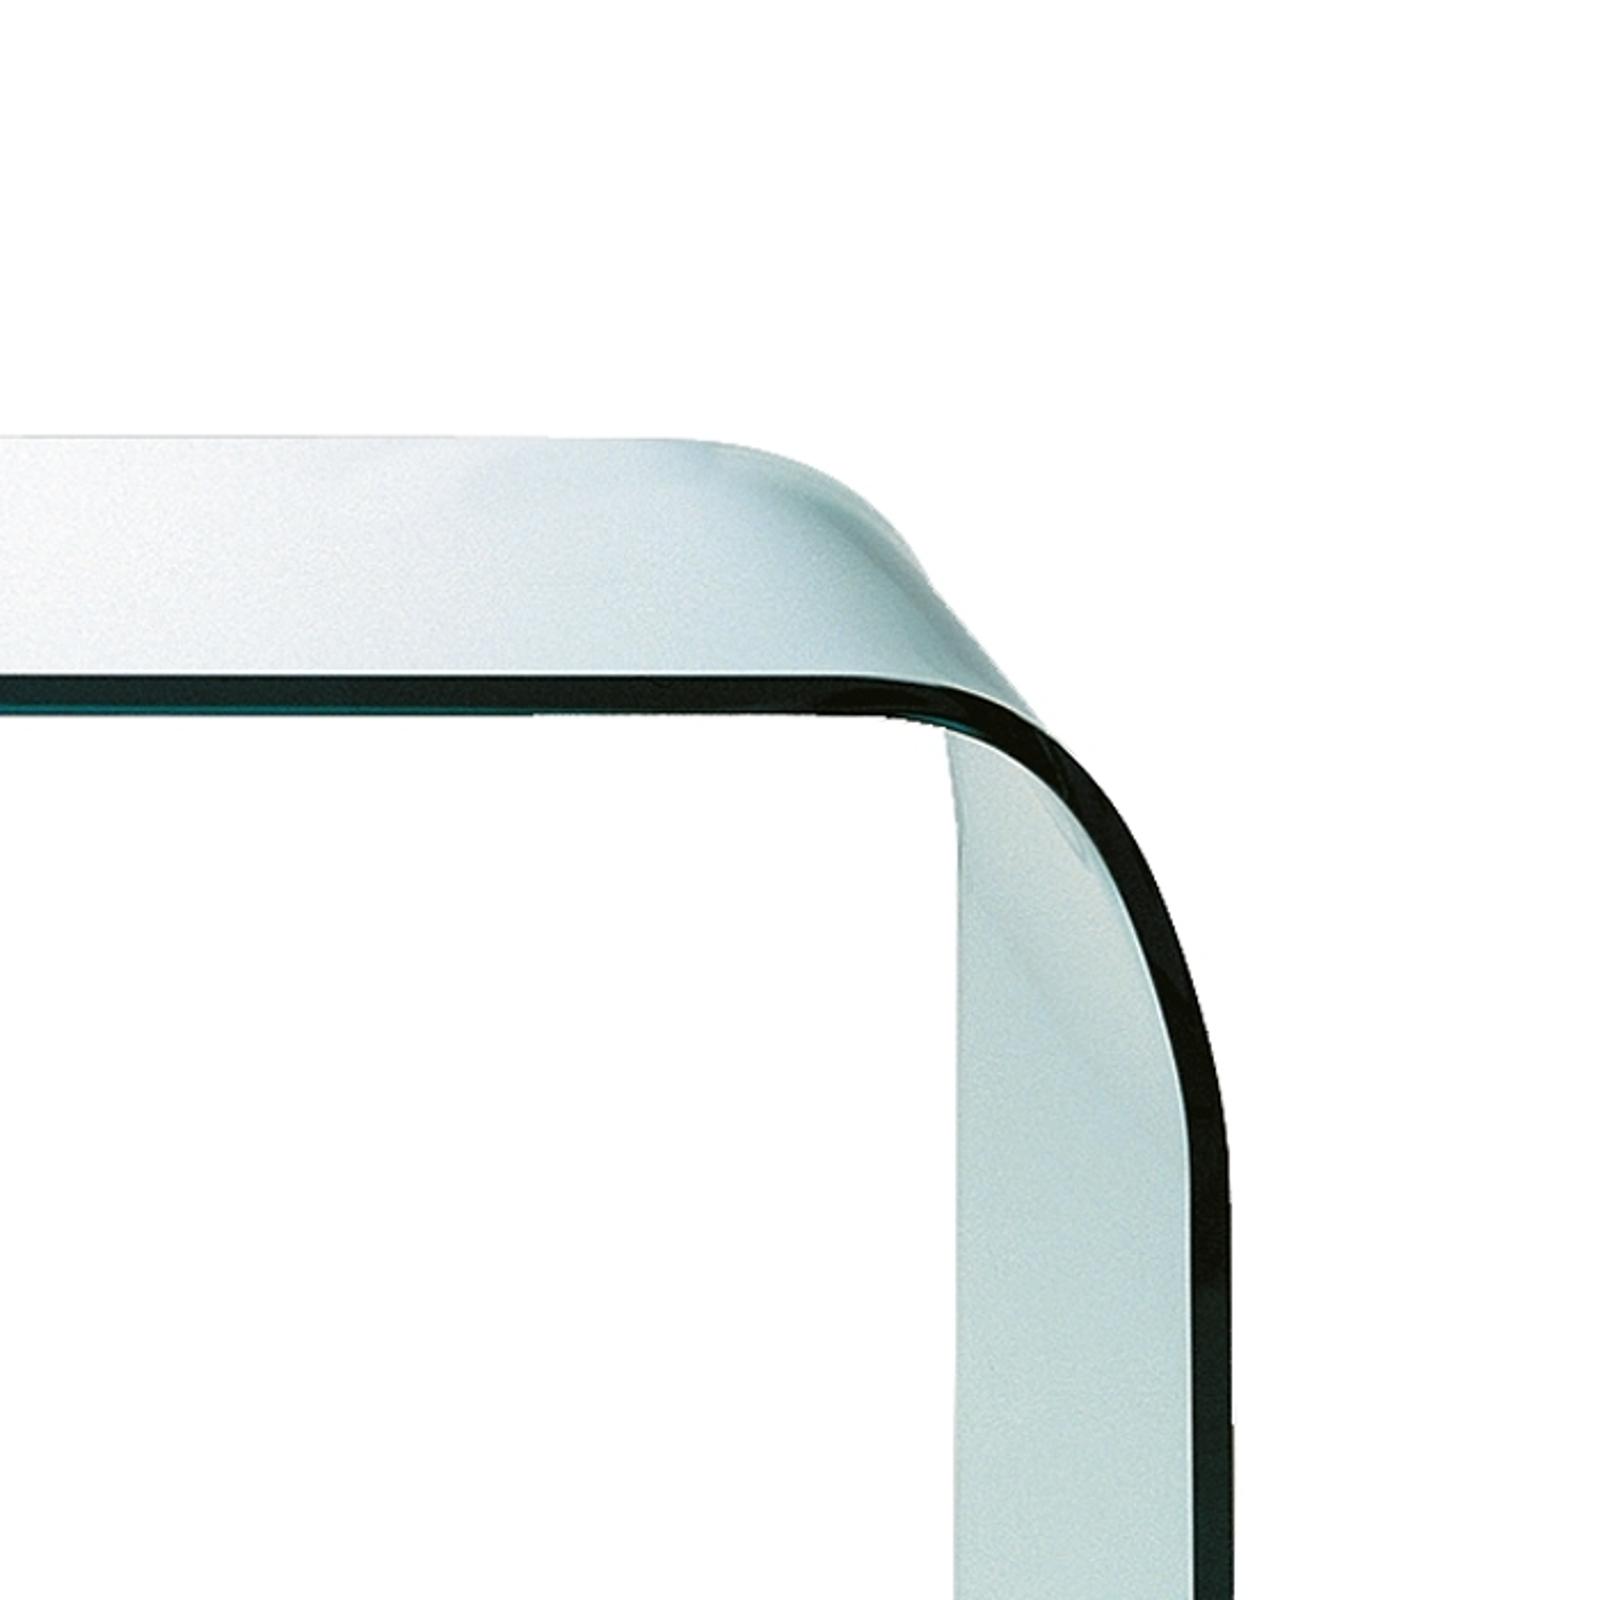 Fontana glasbord med afrundede kanter